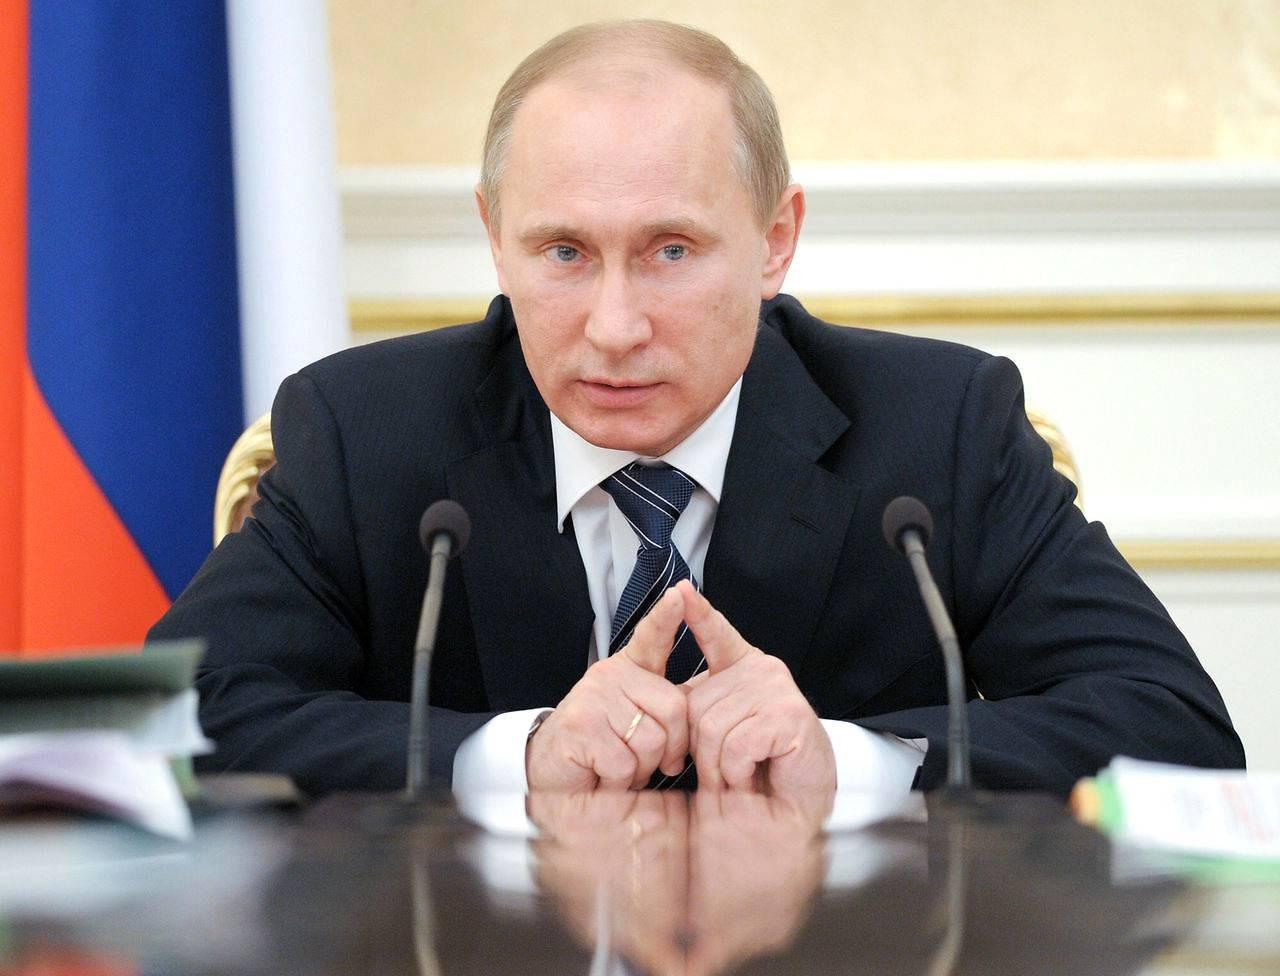 Путин запустил вэксплуатацию нефтяное месторождение Филановского наКаспии